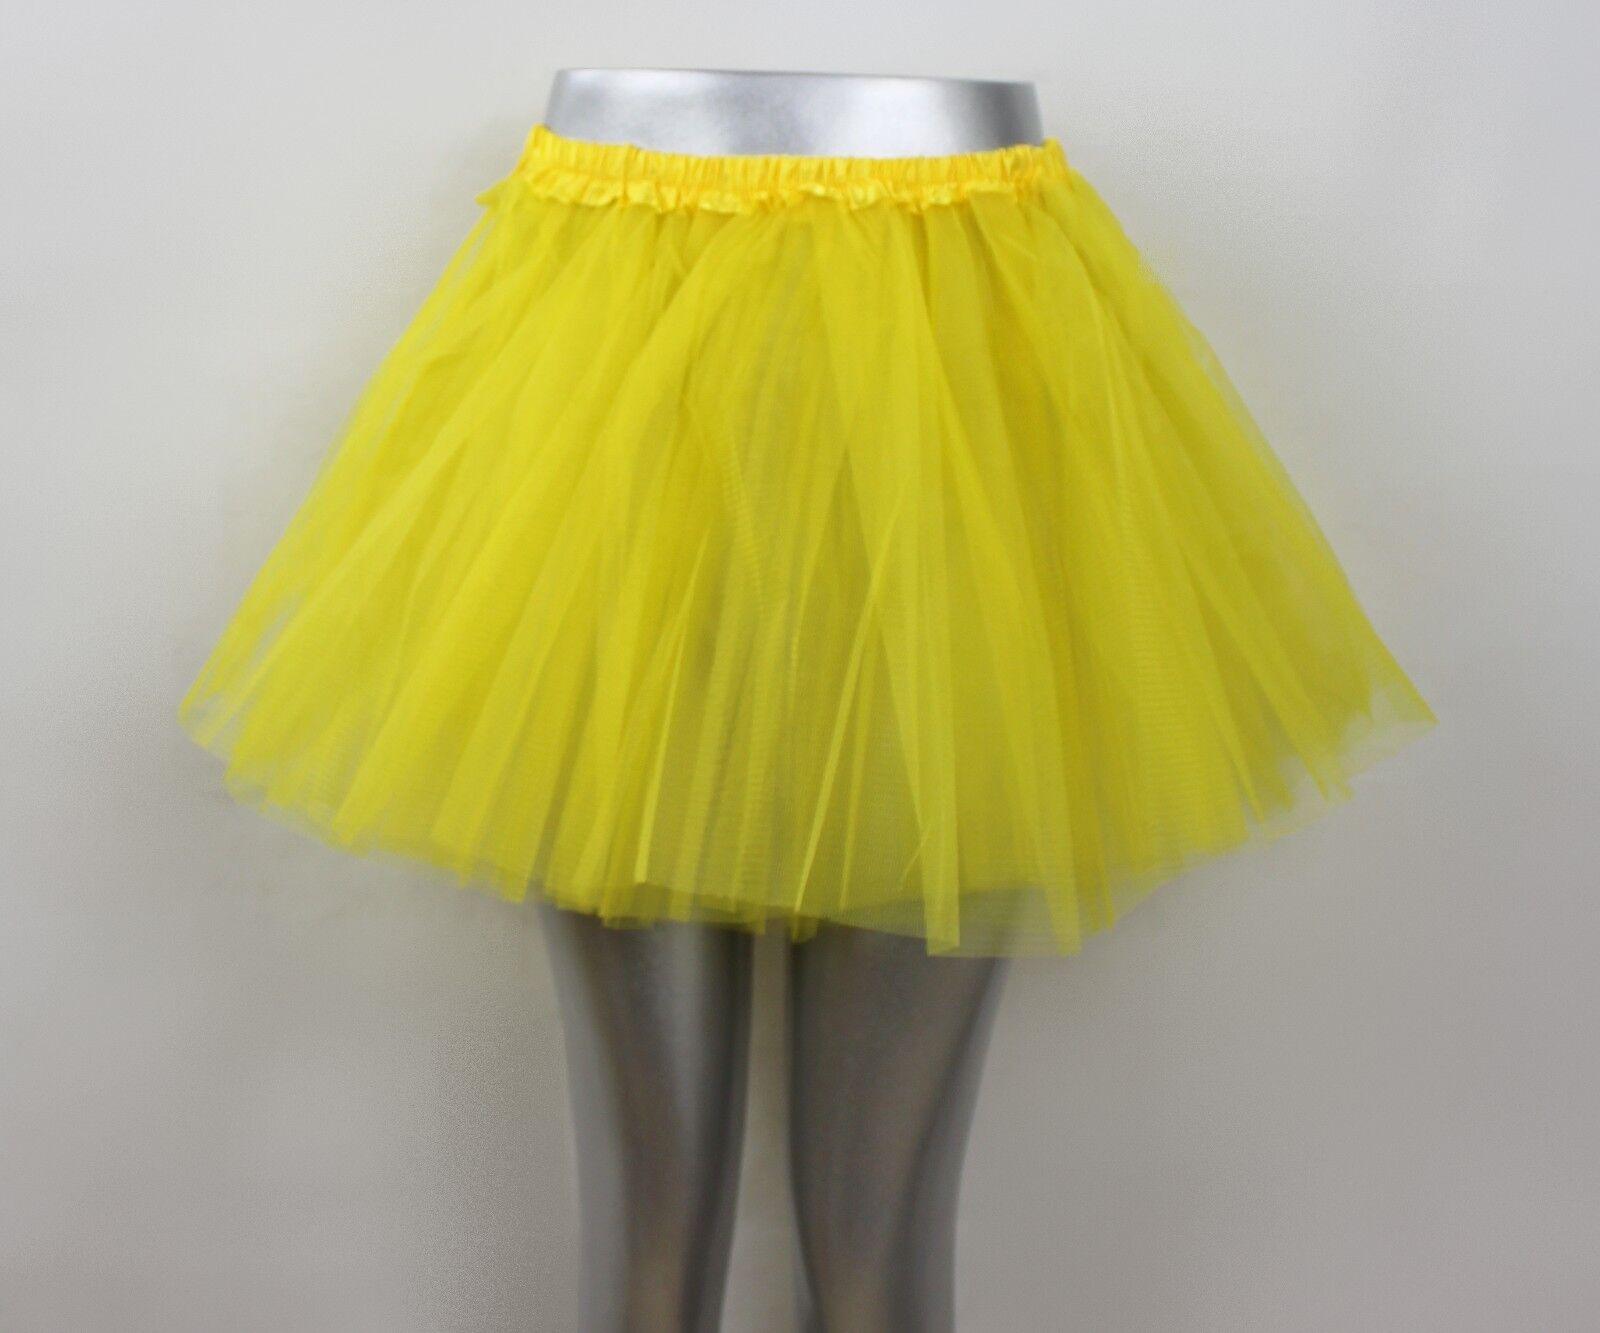 Medium - Gelb